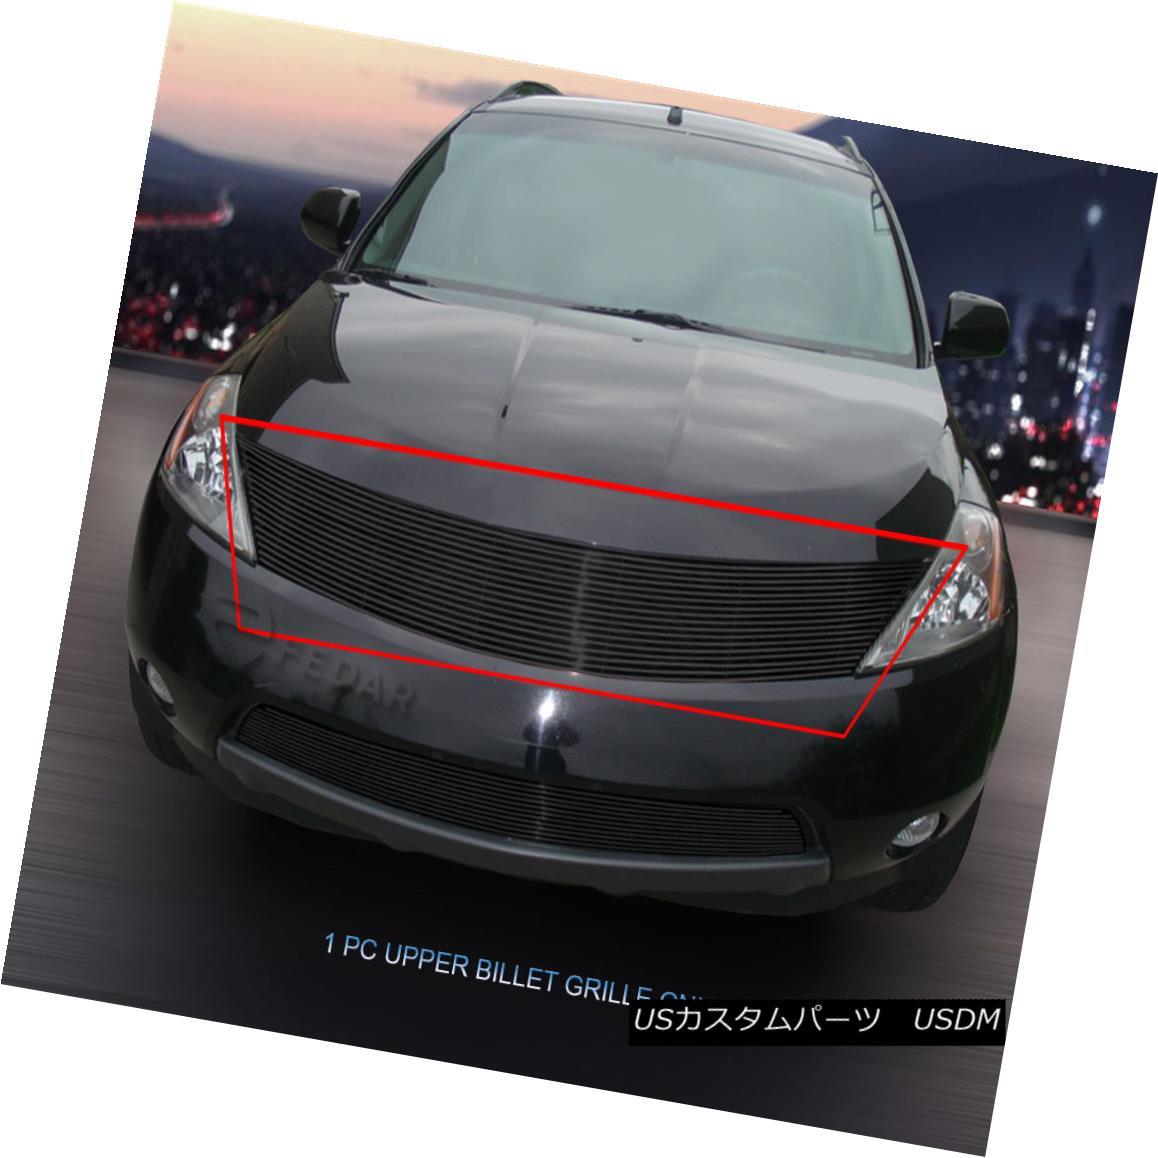 グリル Fits 2003 04 05 06 07 08 Nissan Murano Black Billet Grille Upper Insert Fedar Fits 2003 04 05 06 07 08日産ムラーノブラックビレットグリルアッパーインサートフェルダー